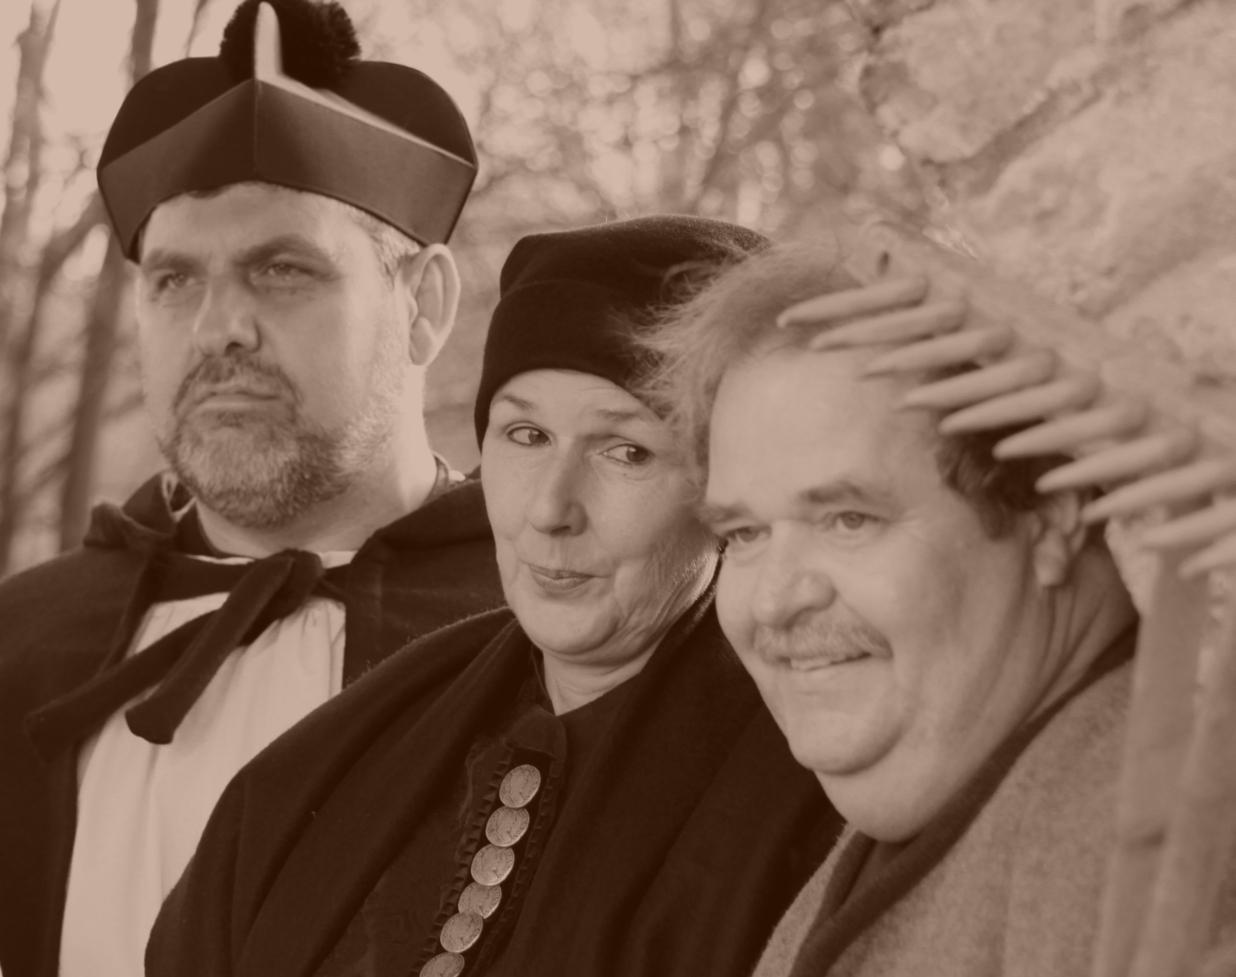 Die Schauspieler der szenischen Stadtführung